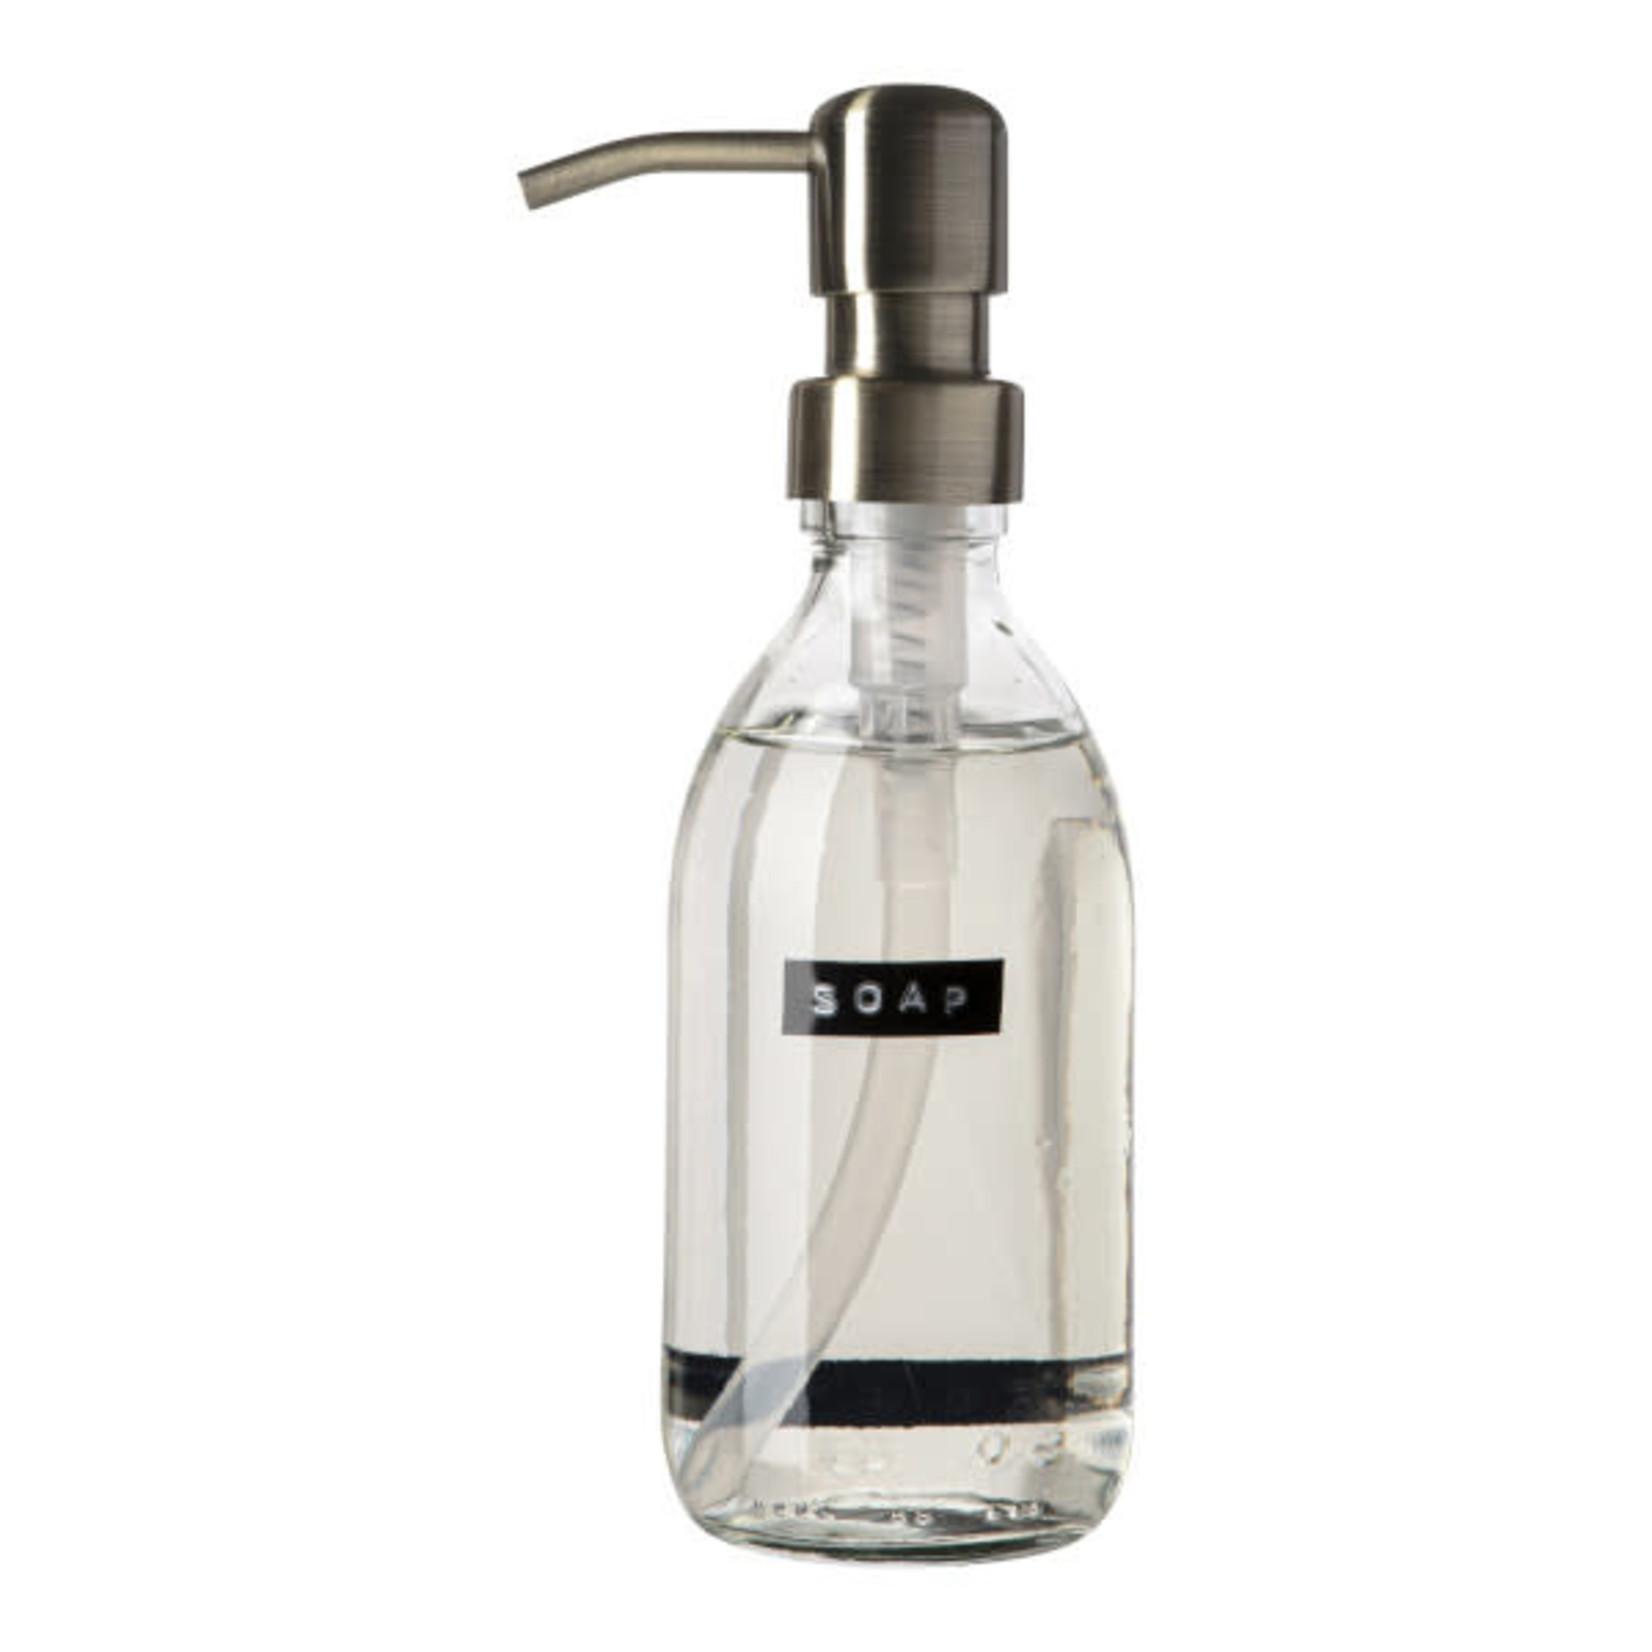 WELLmark WELLmark Zeeppomp helder glas - messing - 250ml handzeep frisse linnen 'Soap'